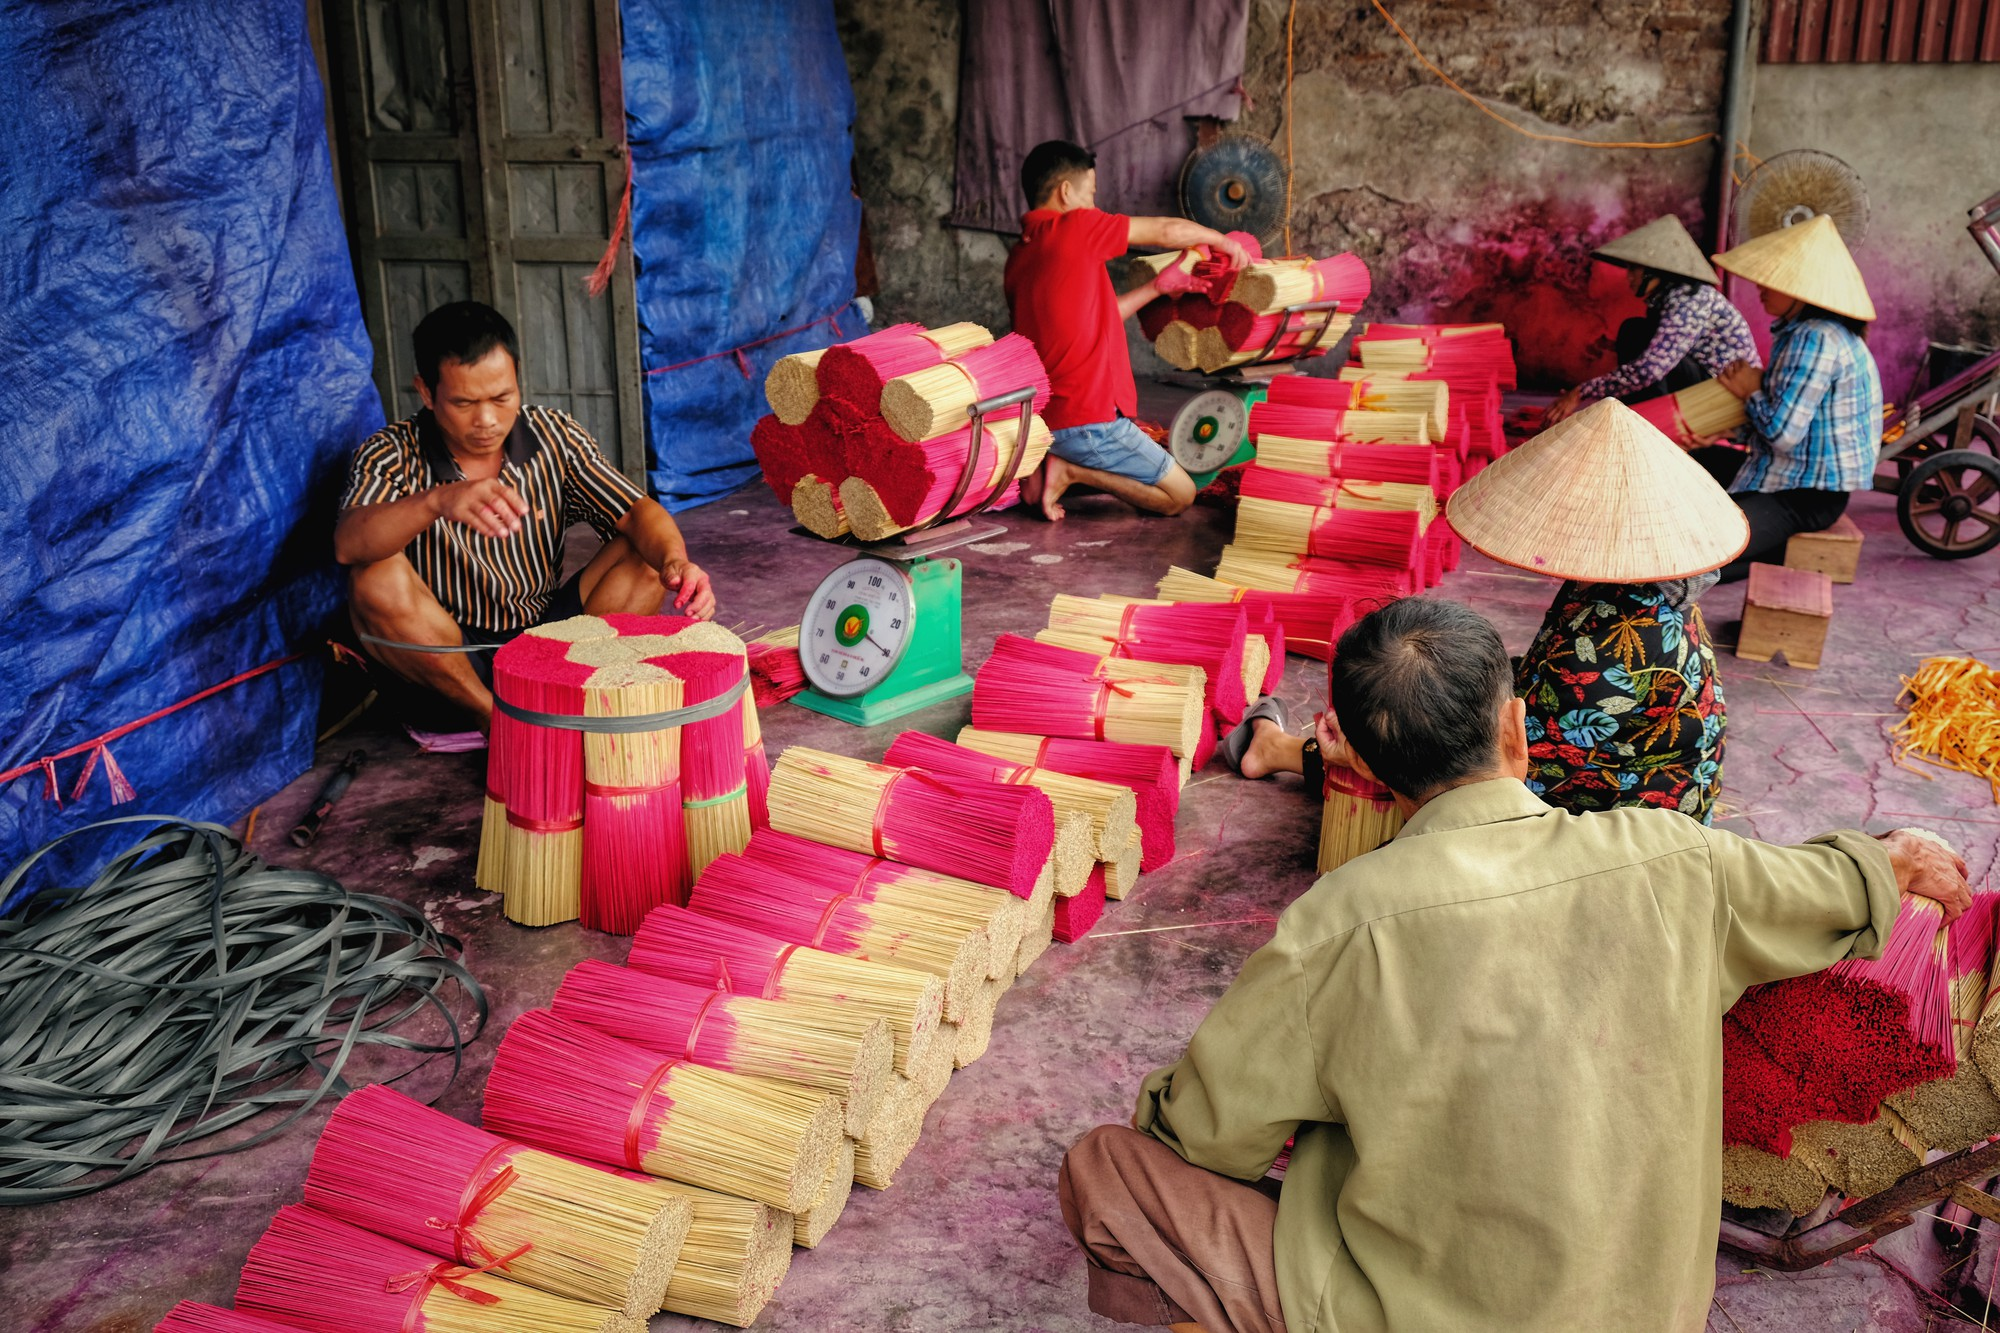 Về làng tăm hương Quảng Phú Cầu ngắm những đóa hoa đỏ rực dưới nắng thu - Ảnh 13.